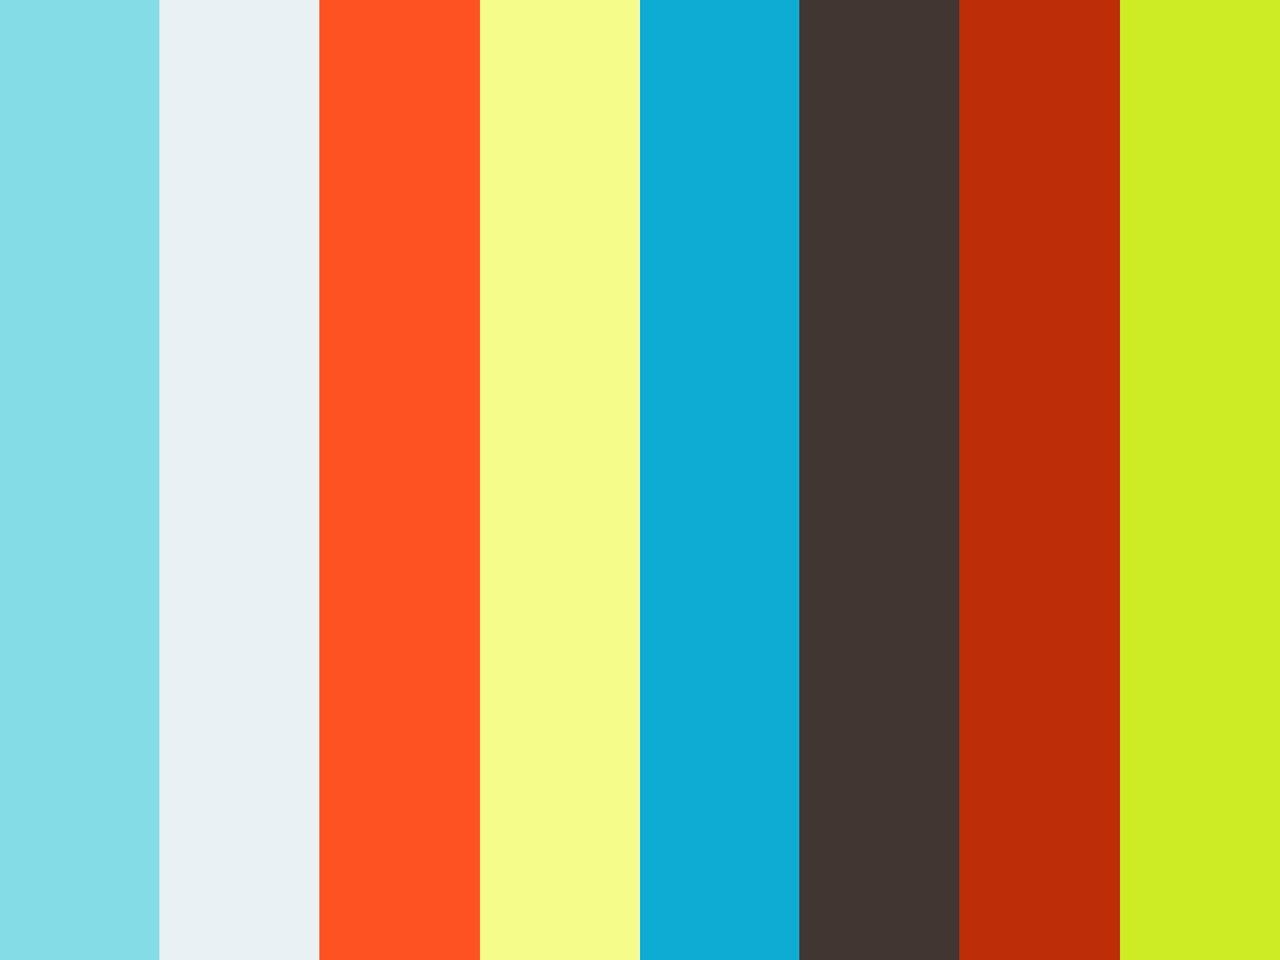 57314Marketing – Differentiation